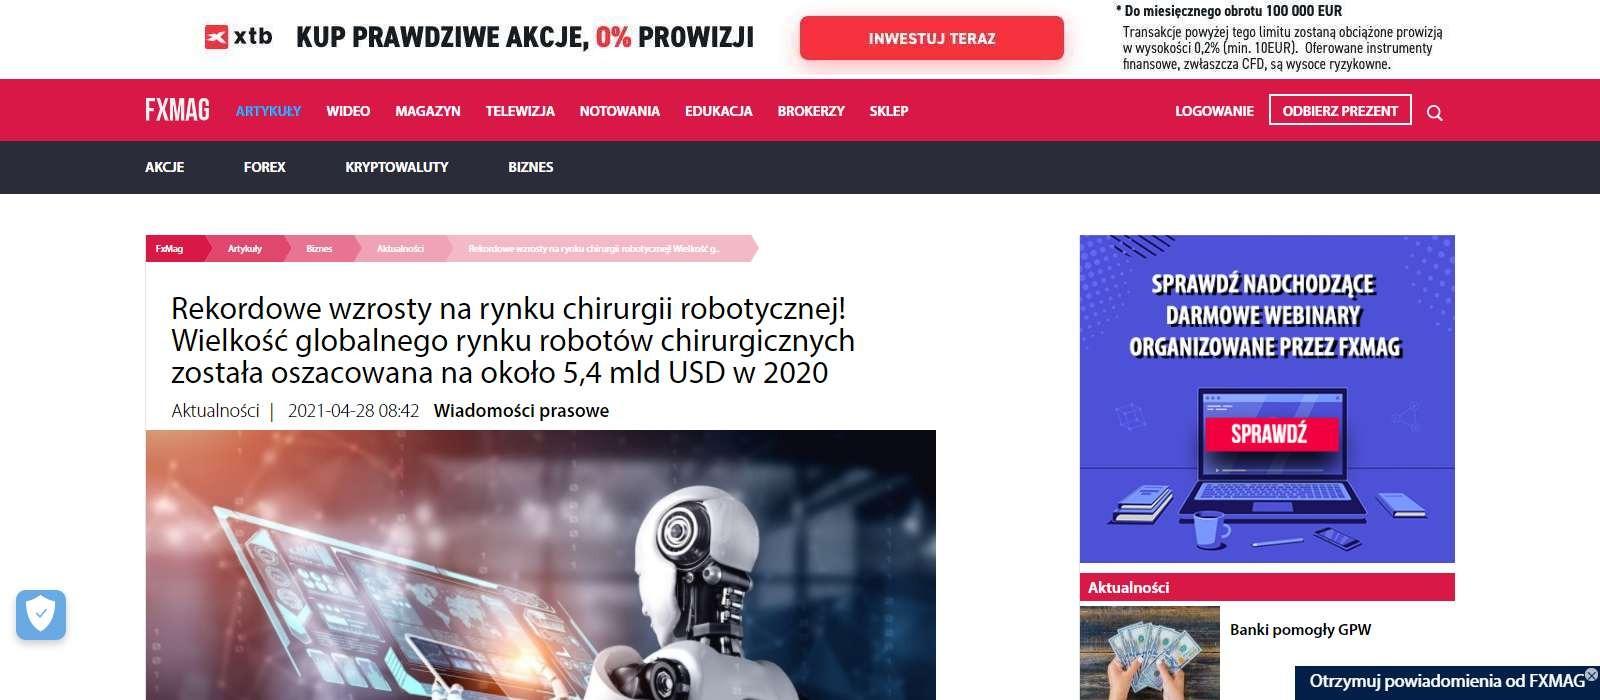 rekordowe wzrosty na rynku chirurgii robotycznej wielkosc globalnego rynku robotow chirurgicznych zostala oszacowana na okolo mld usd w